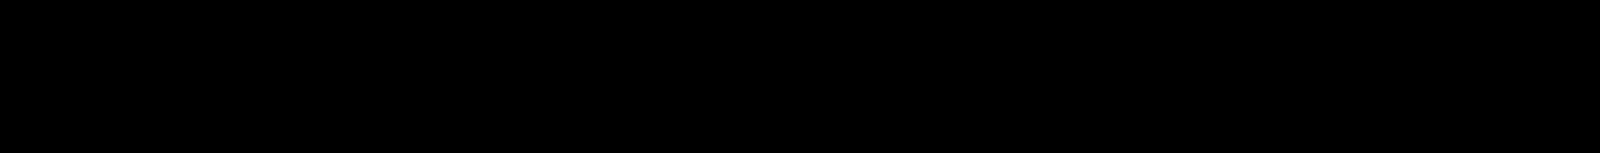 kiểm-tra-1-tiết-vật-lý-10-chương-1-cơ-bản